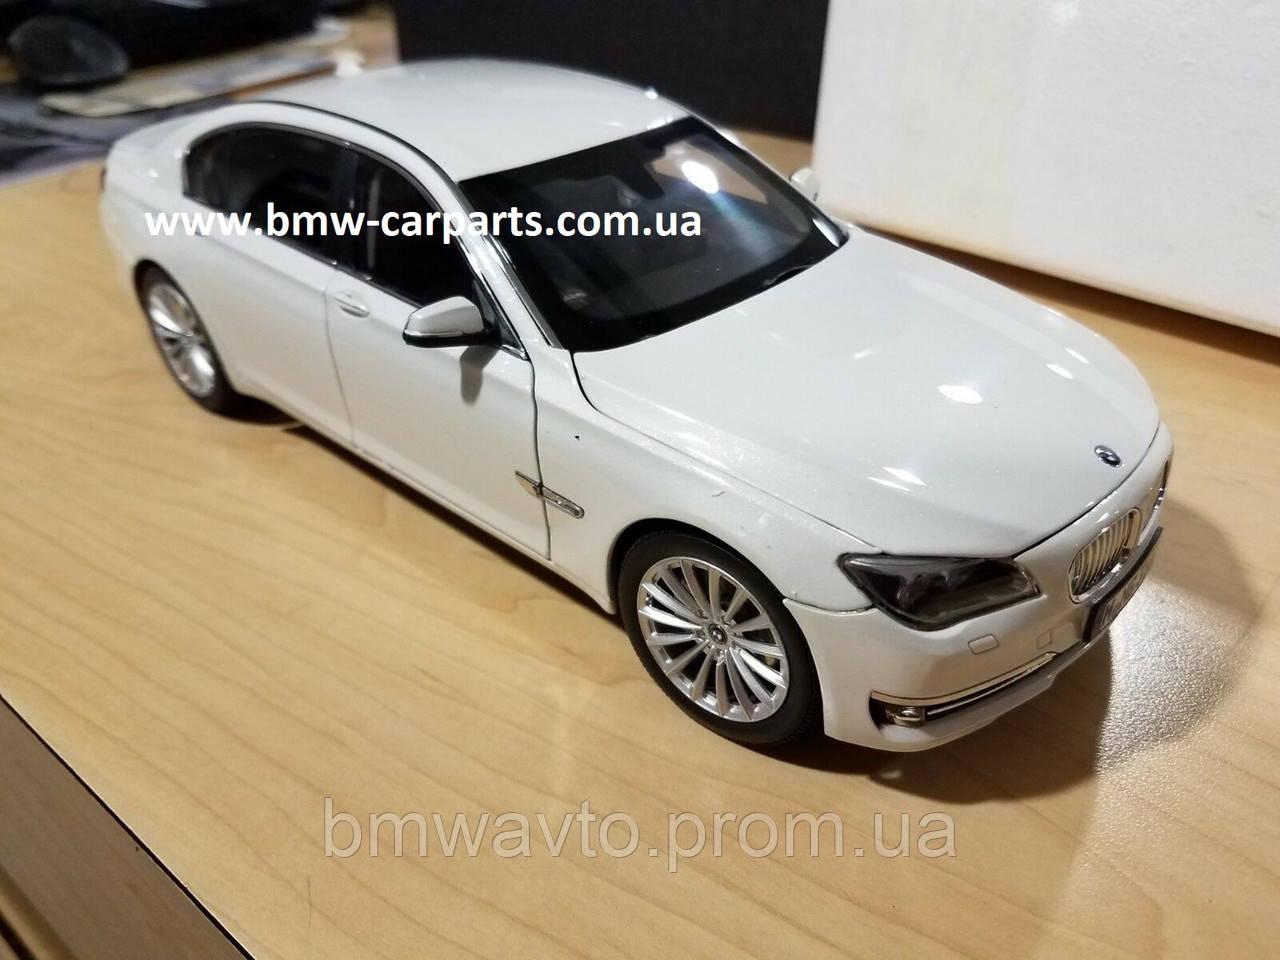 Модель автомобиля BMW 750 Li (F02) LCI, 1:18 Scale